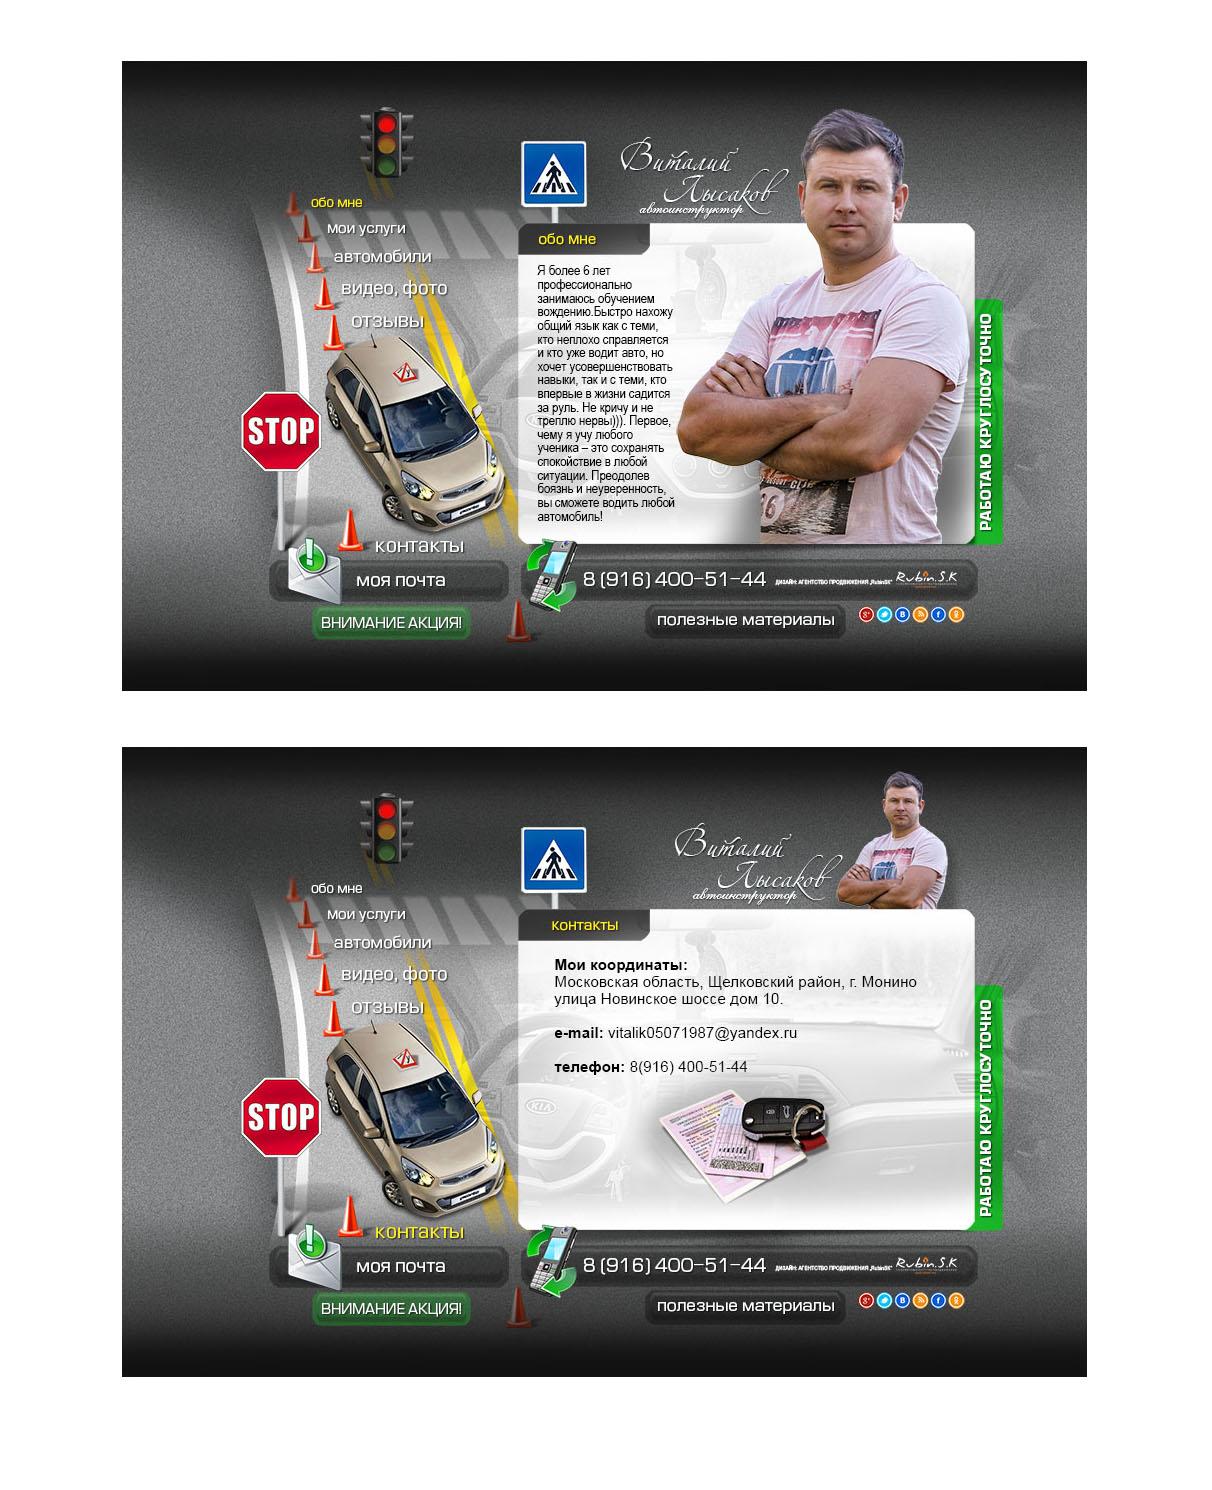 сайт автовит.рф. личный сайт автоинструктора